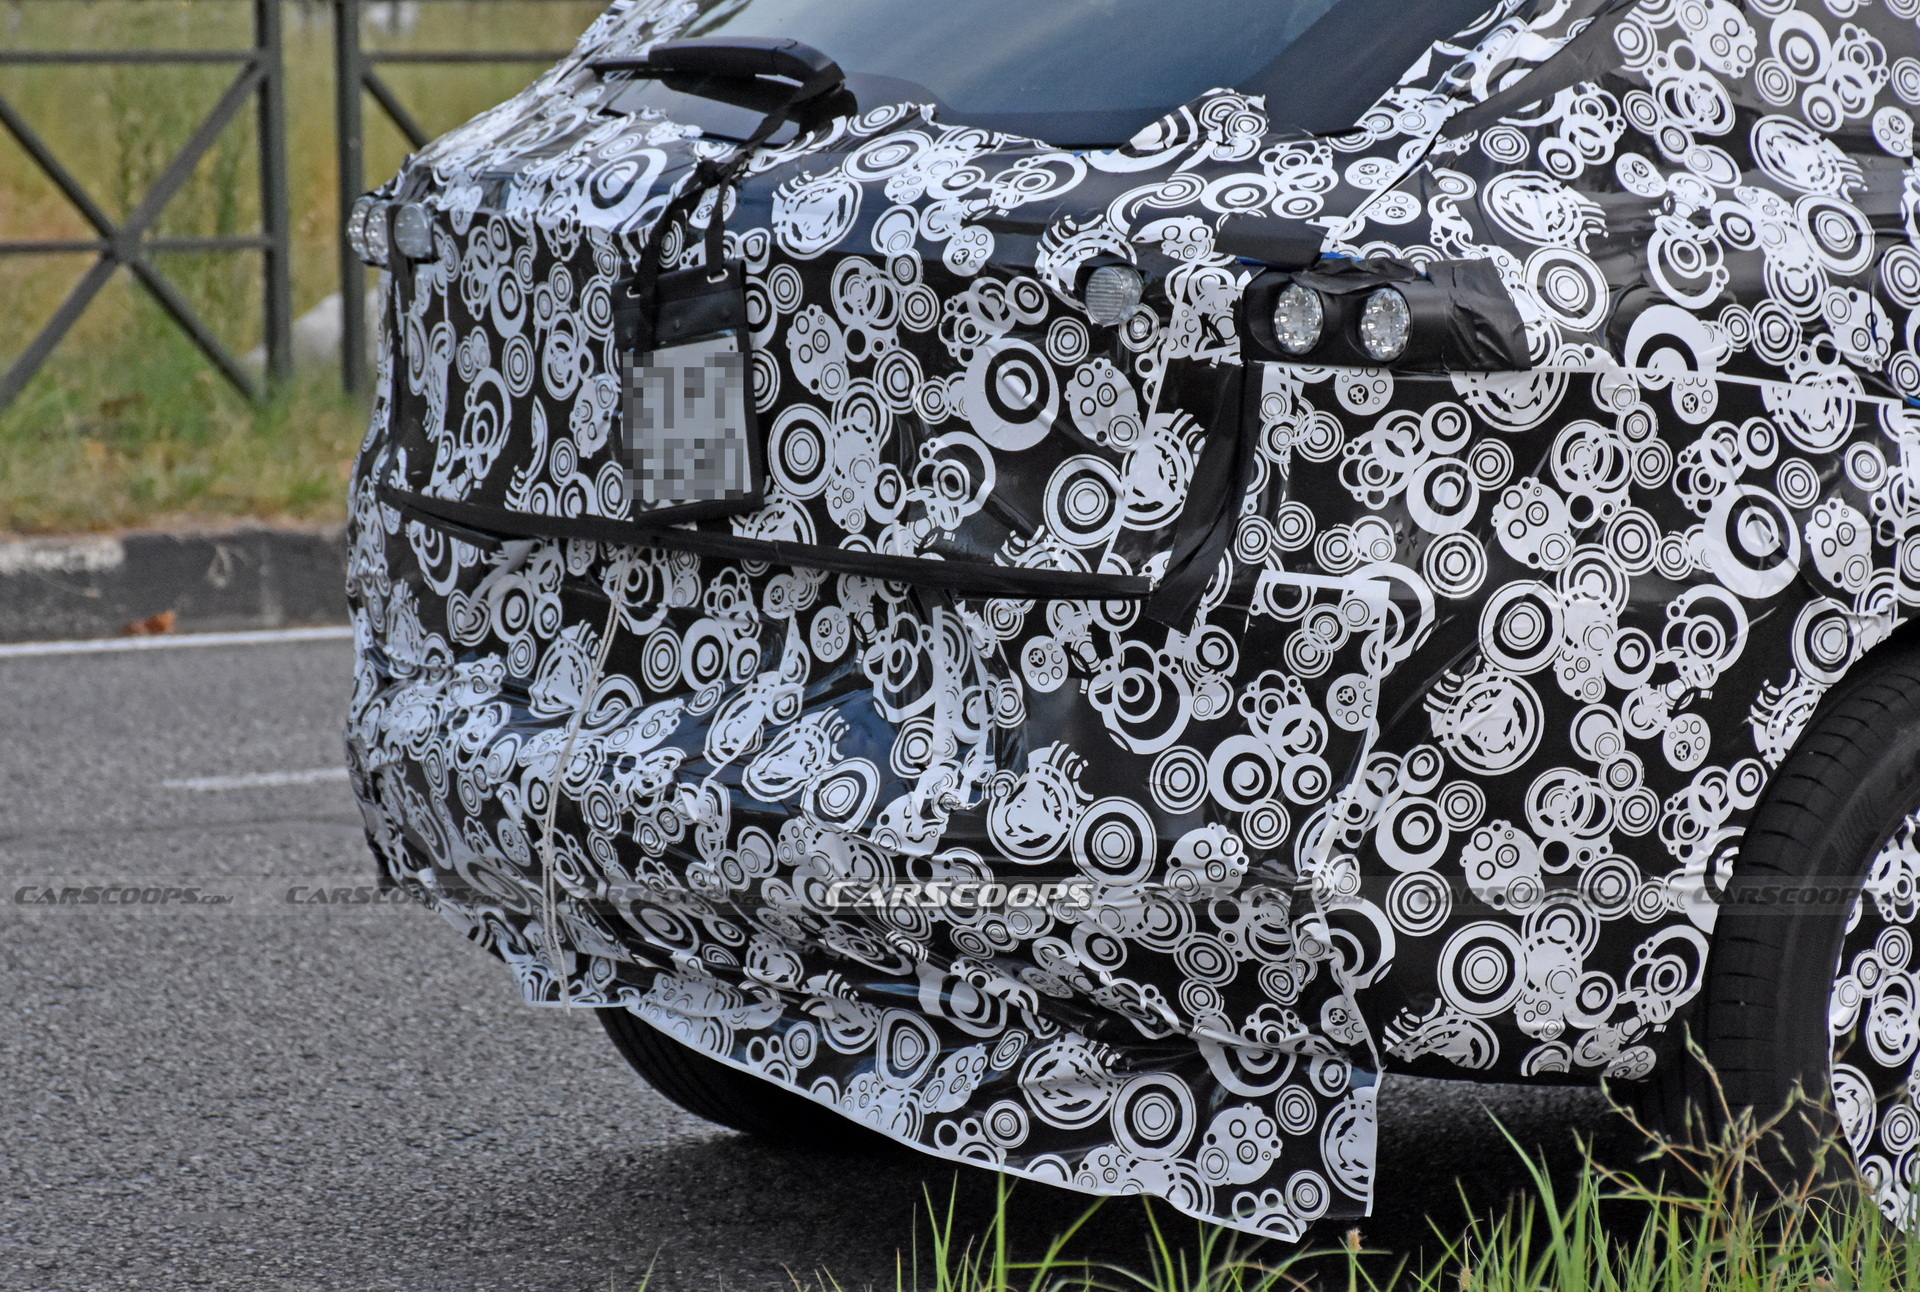 2022 Alfa Romeo Tonale Spied Back